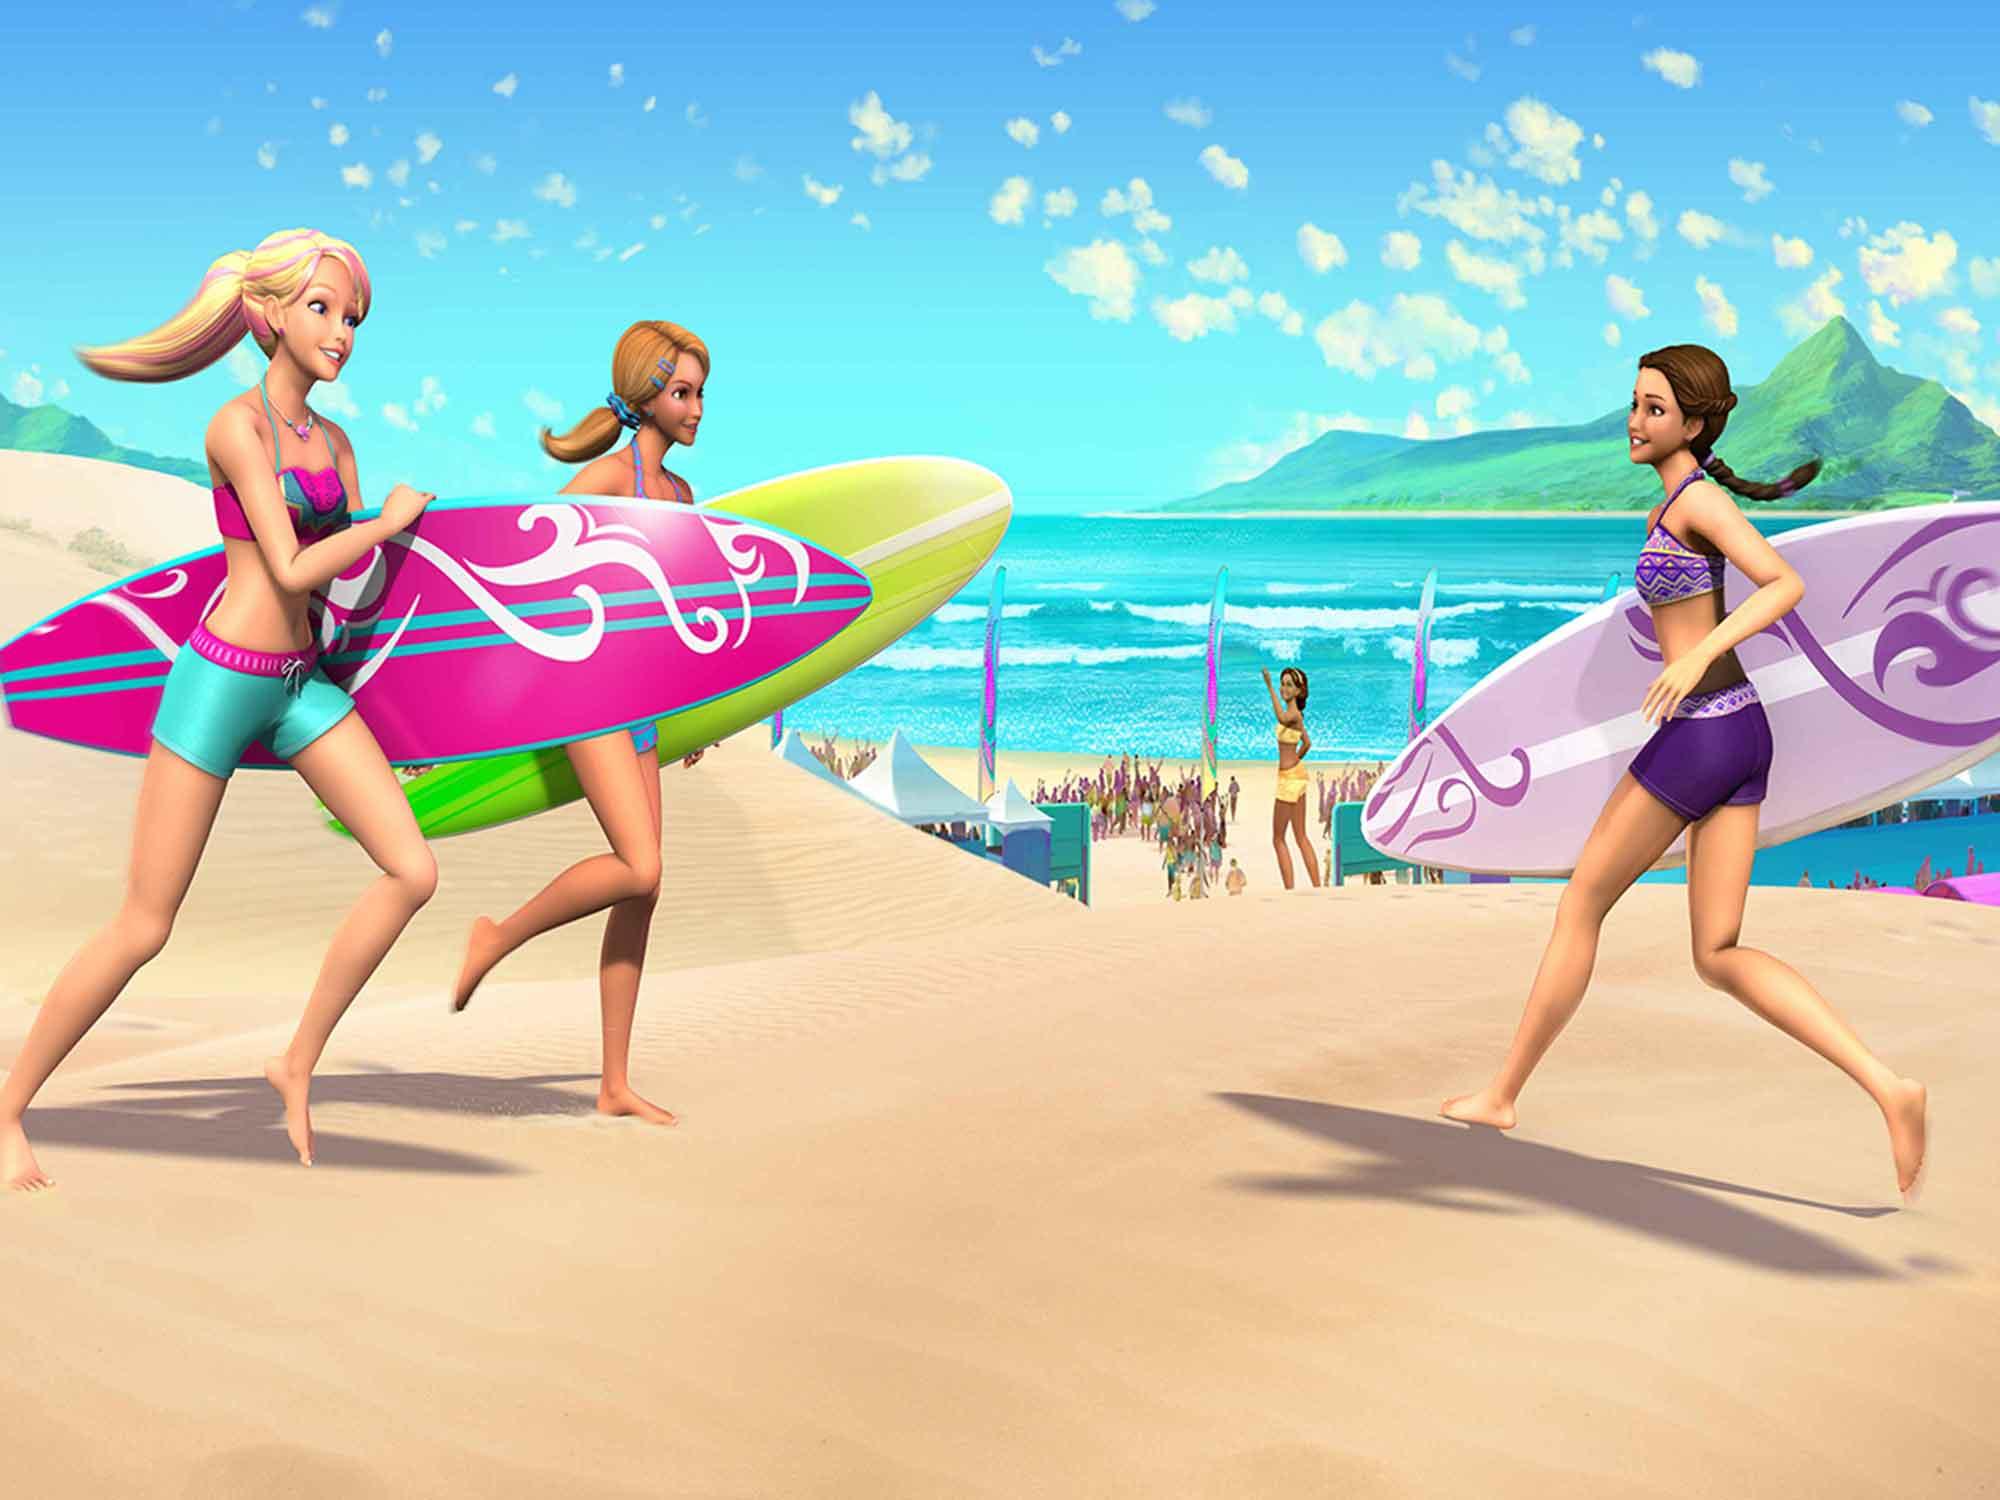 Papel De Parede 3D | Papel de Parede Infantil Barbie 0005 - Sobmedida: m²  - Paredes Decoradas